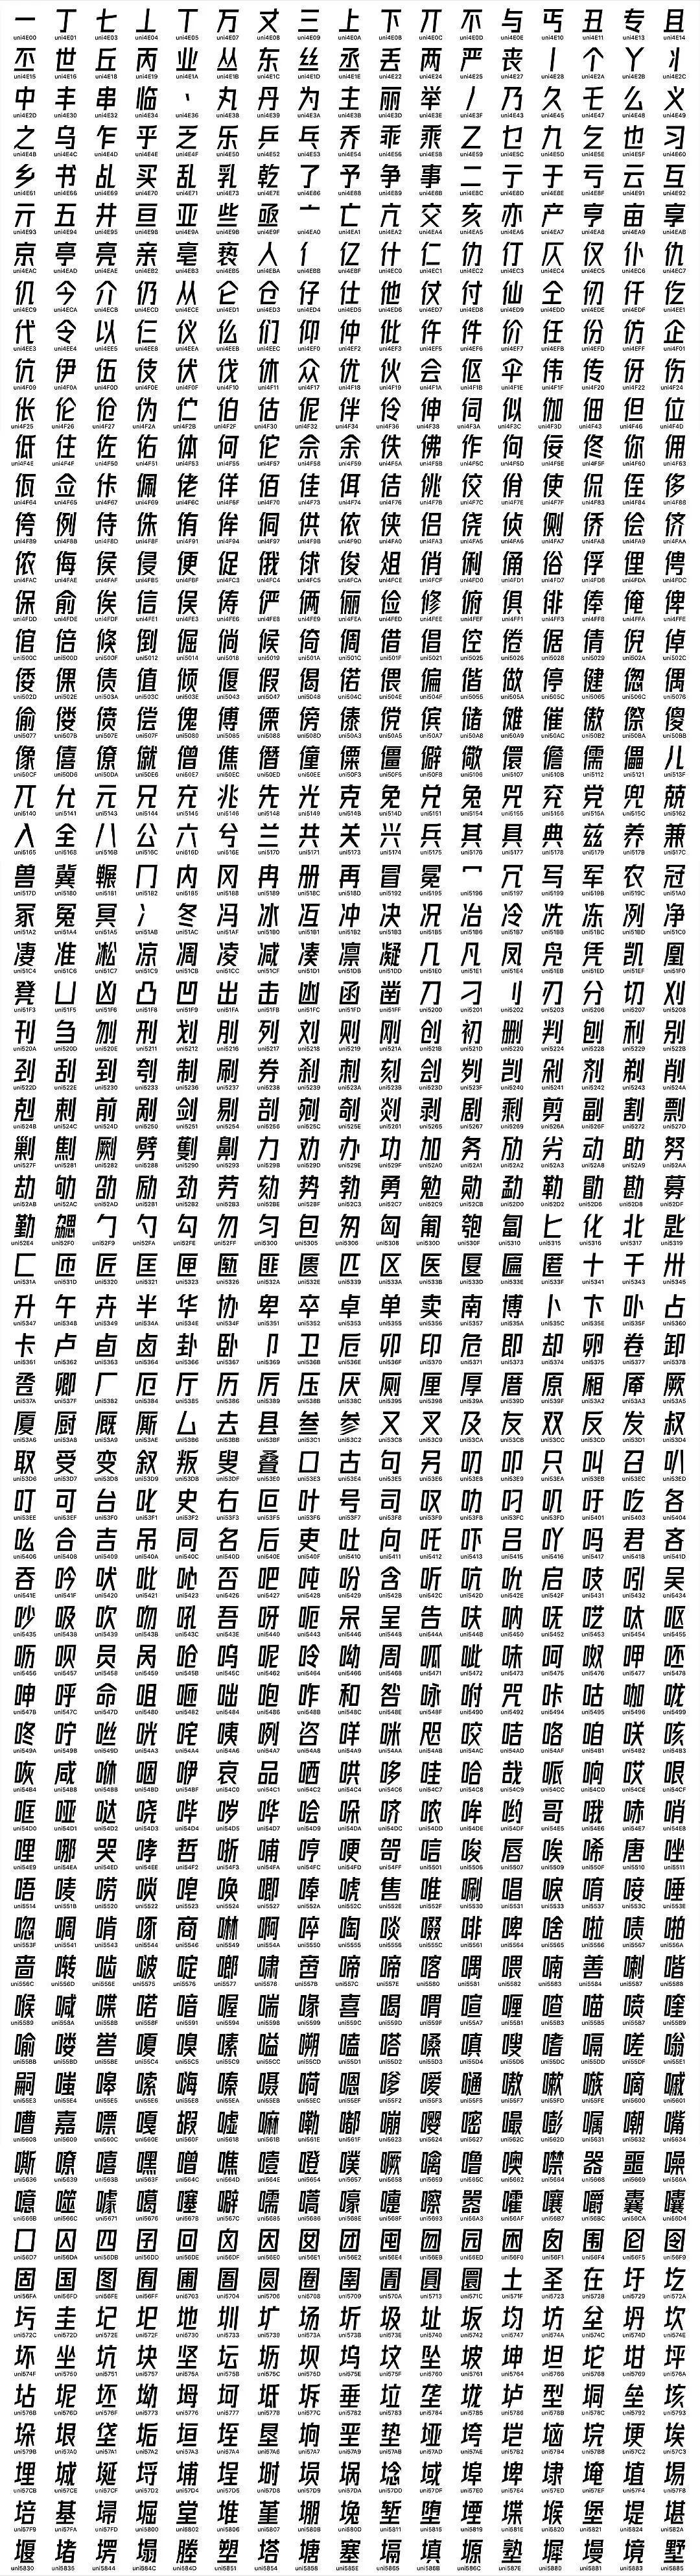 字体圈欣意冠黑体 - 免费倾斜风格的黑体字下载